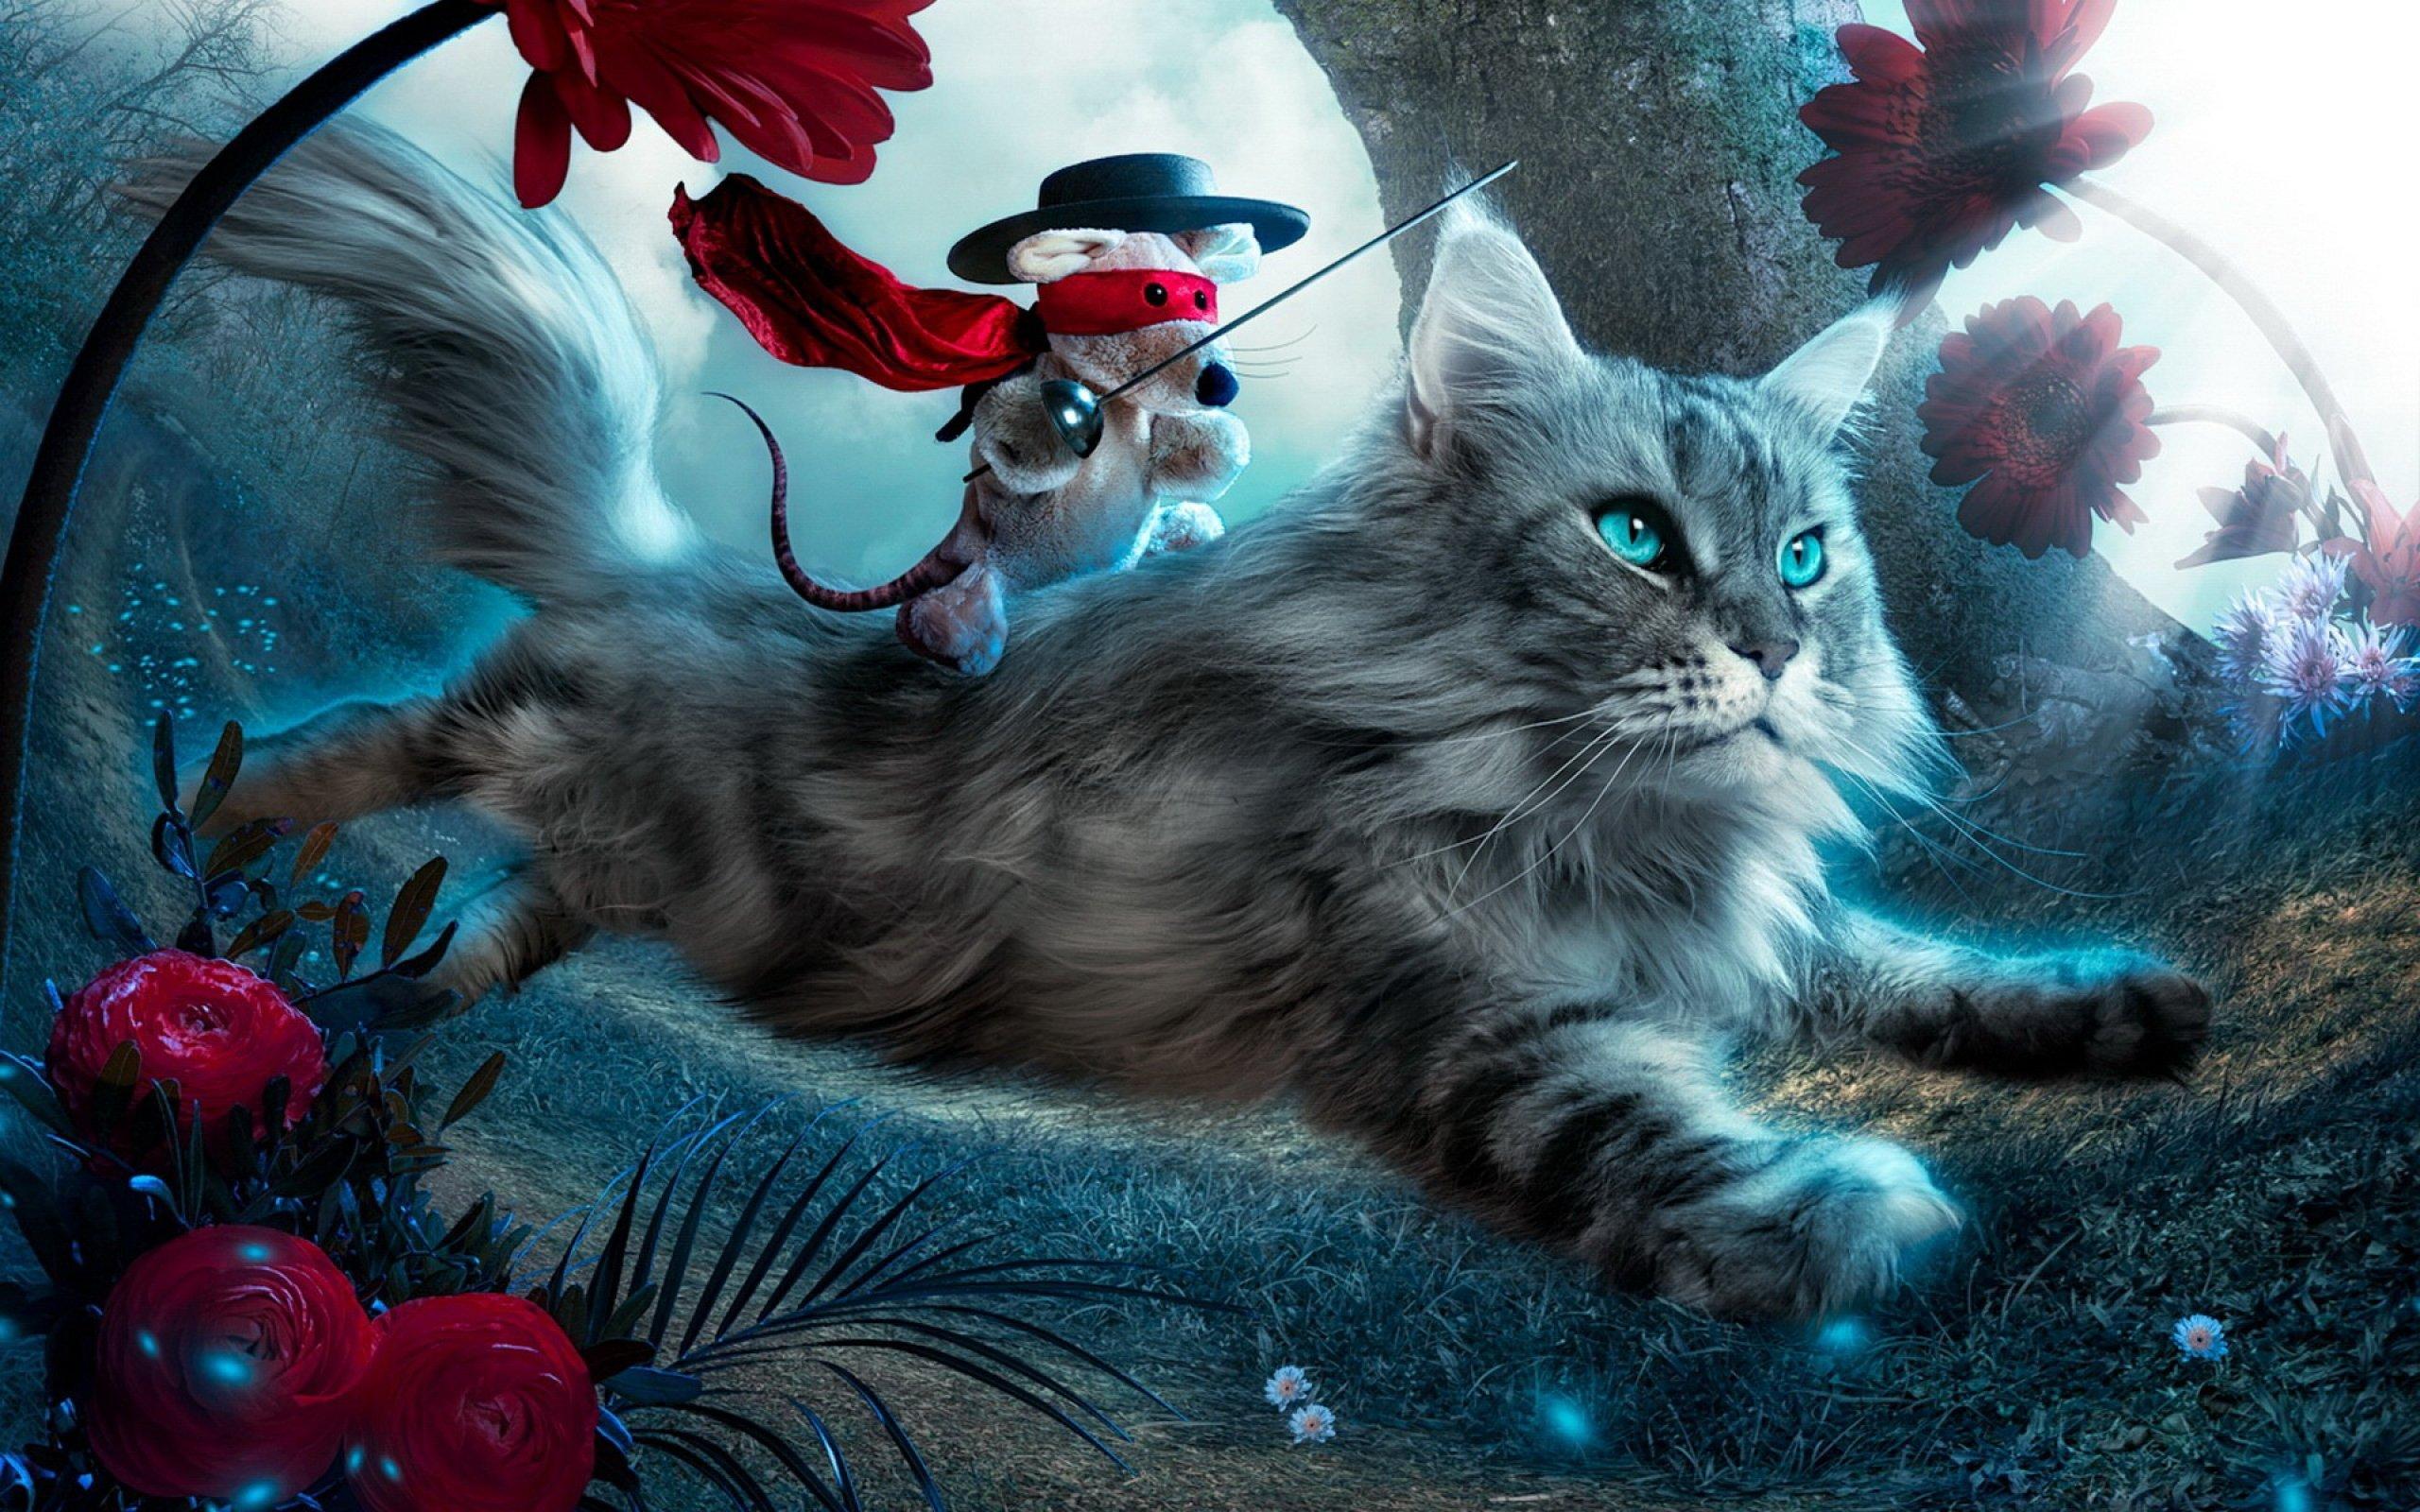 Fantasy cat cats art artwork artistic wallpaper ...